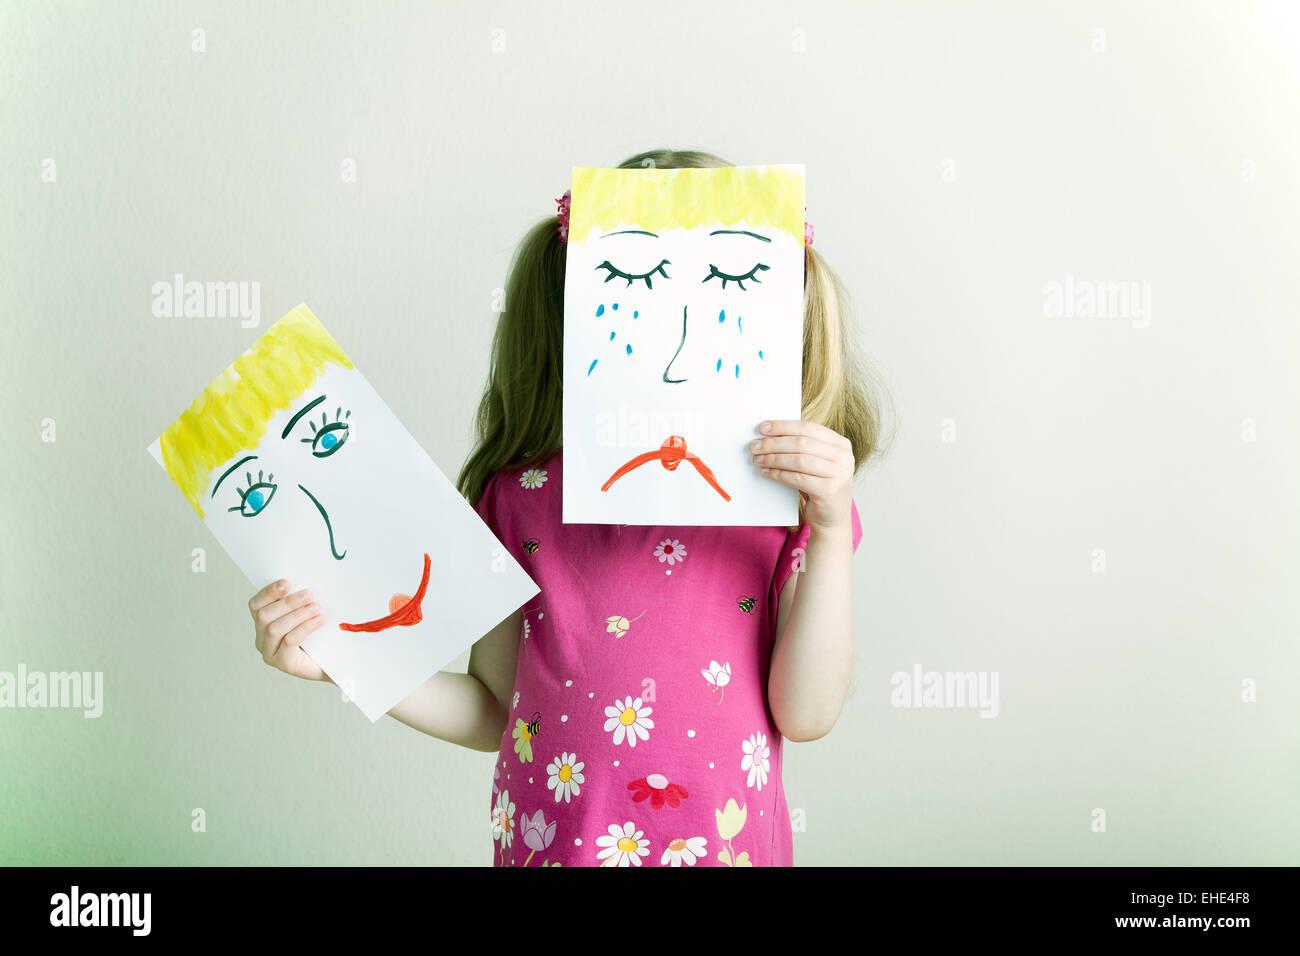 Wechselnde Gefühle - Stock Image